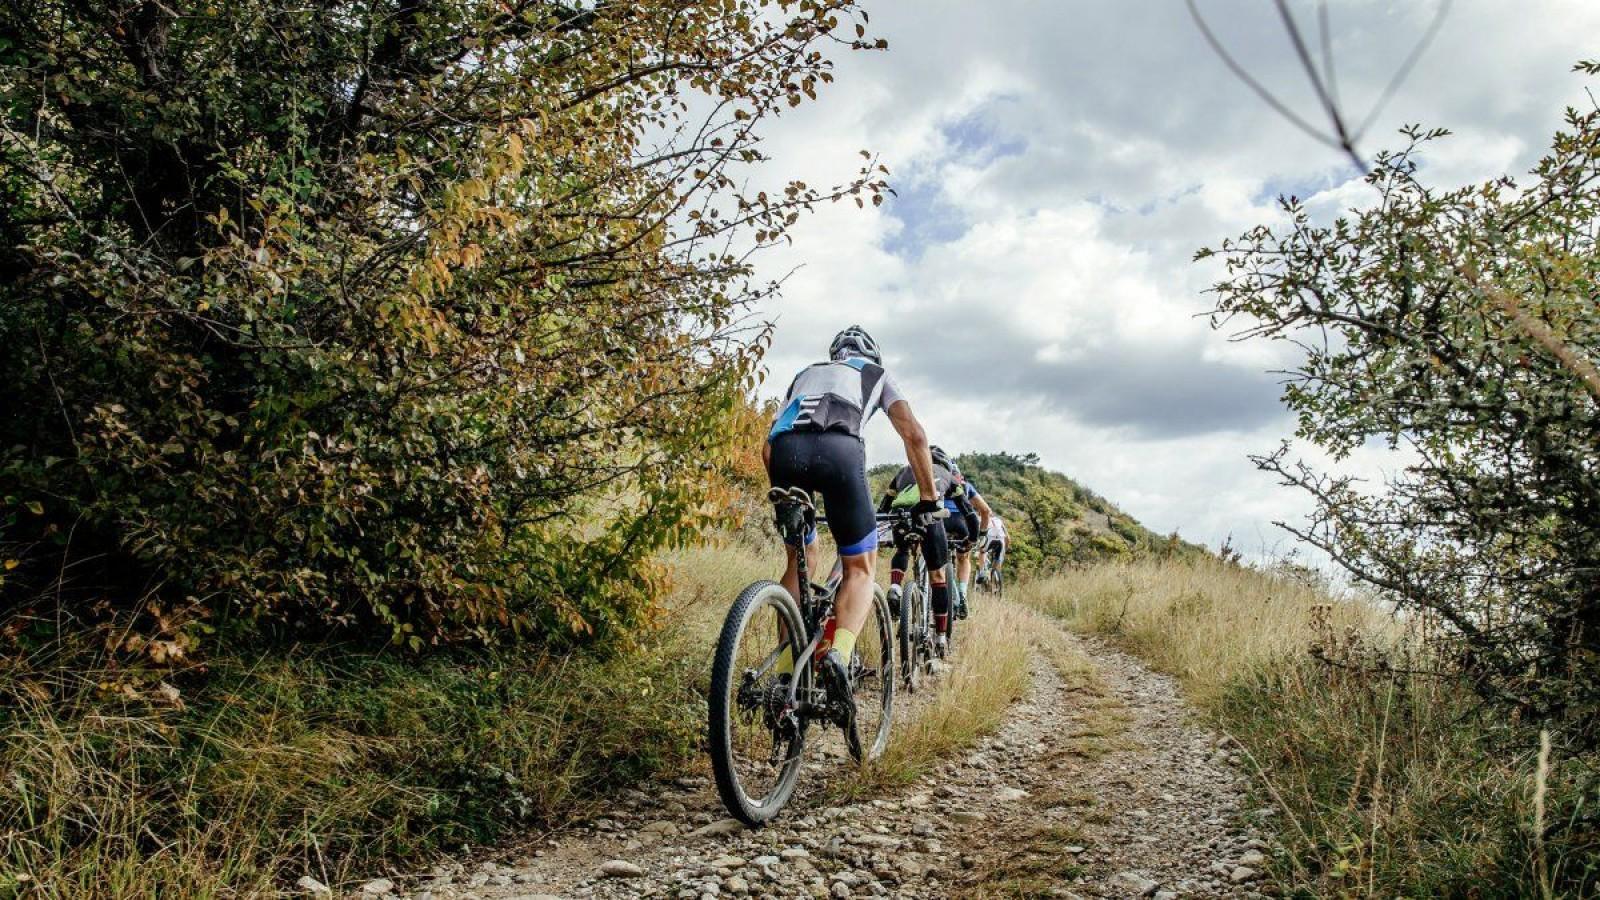 mejorar-forma-divertirse-bici/